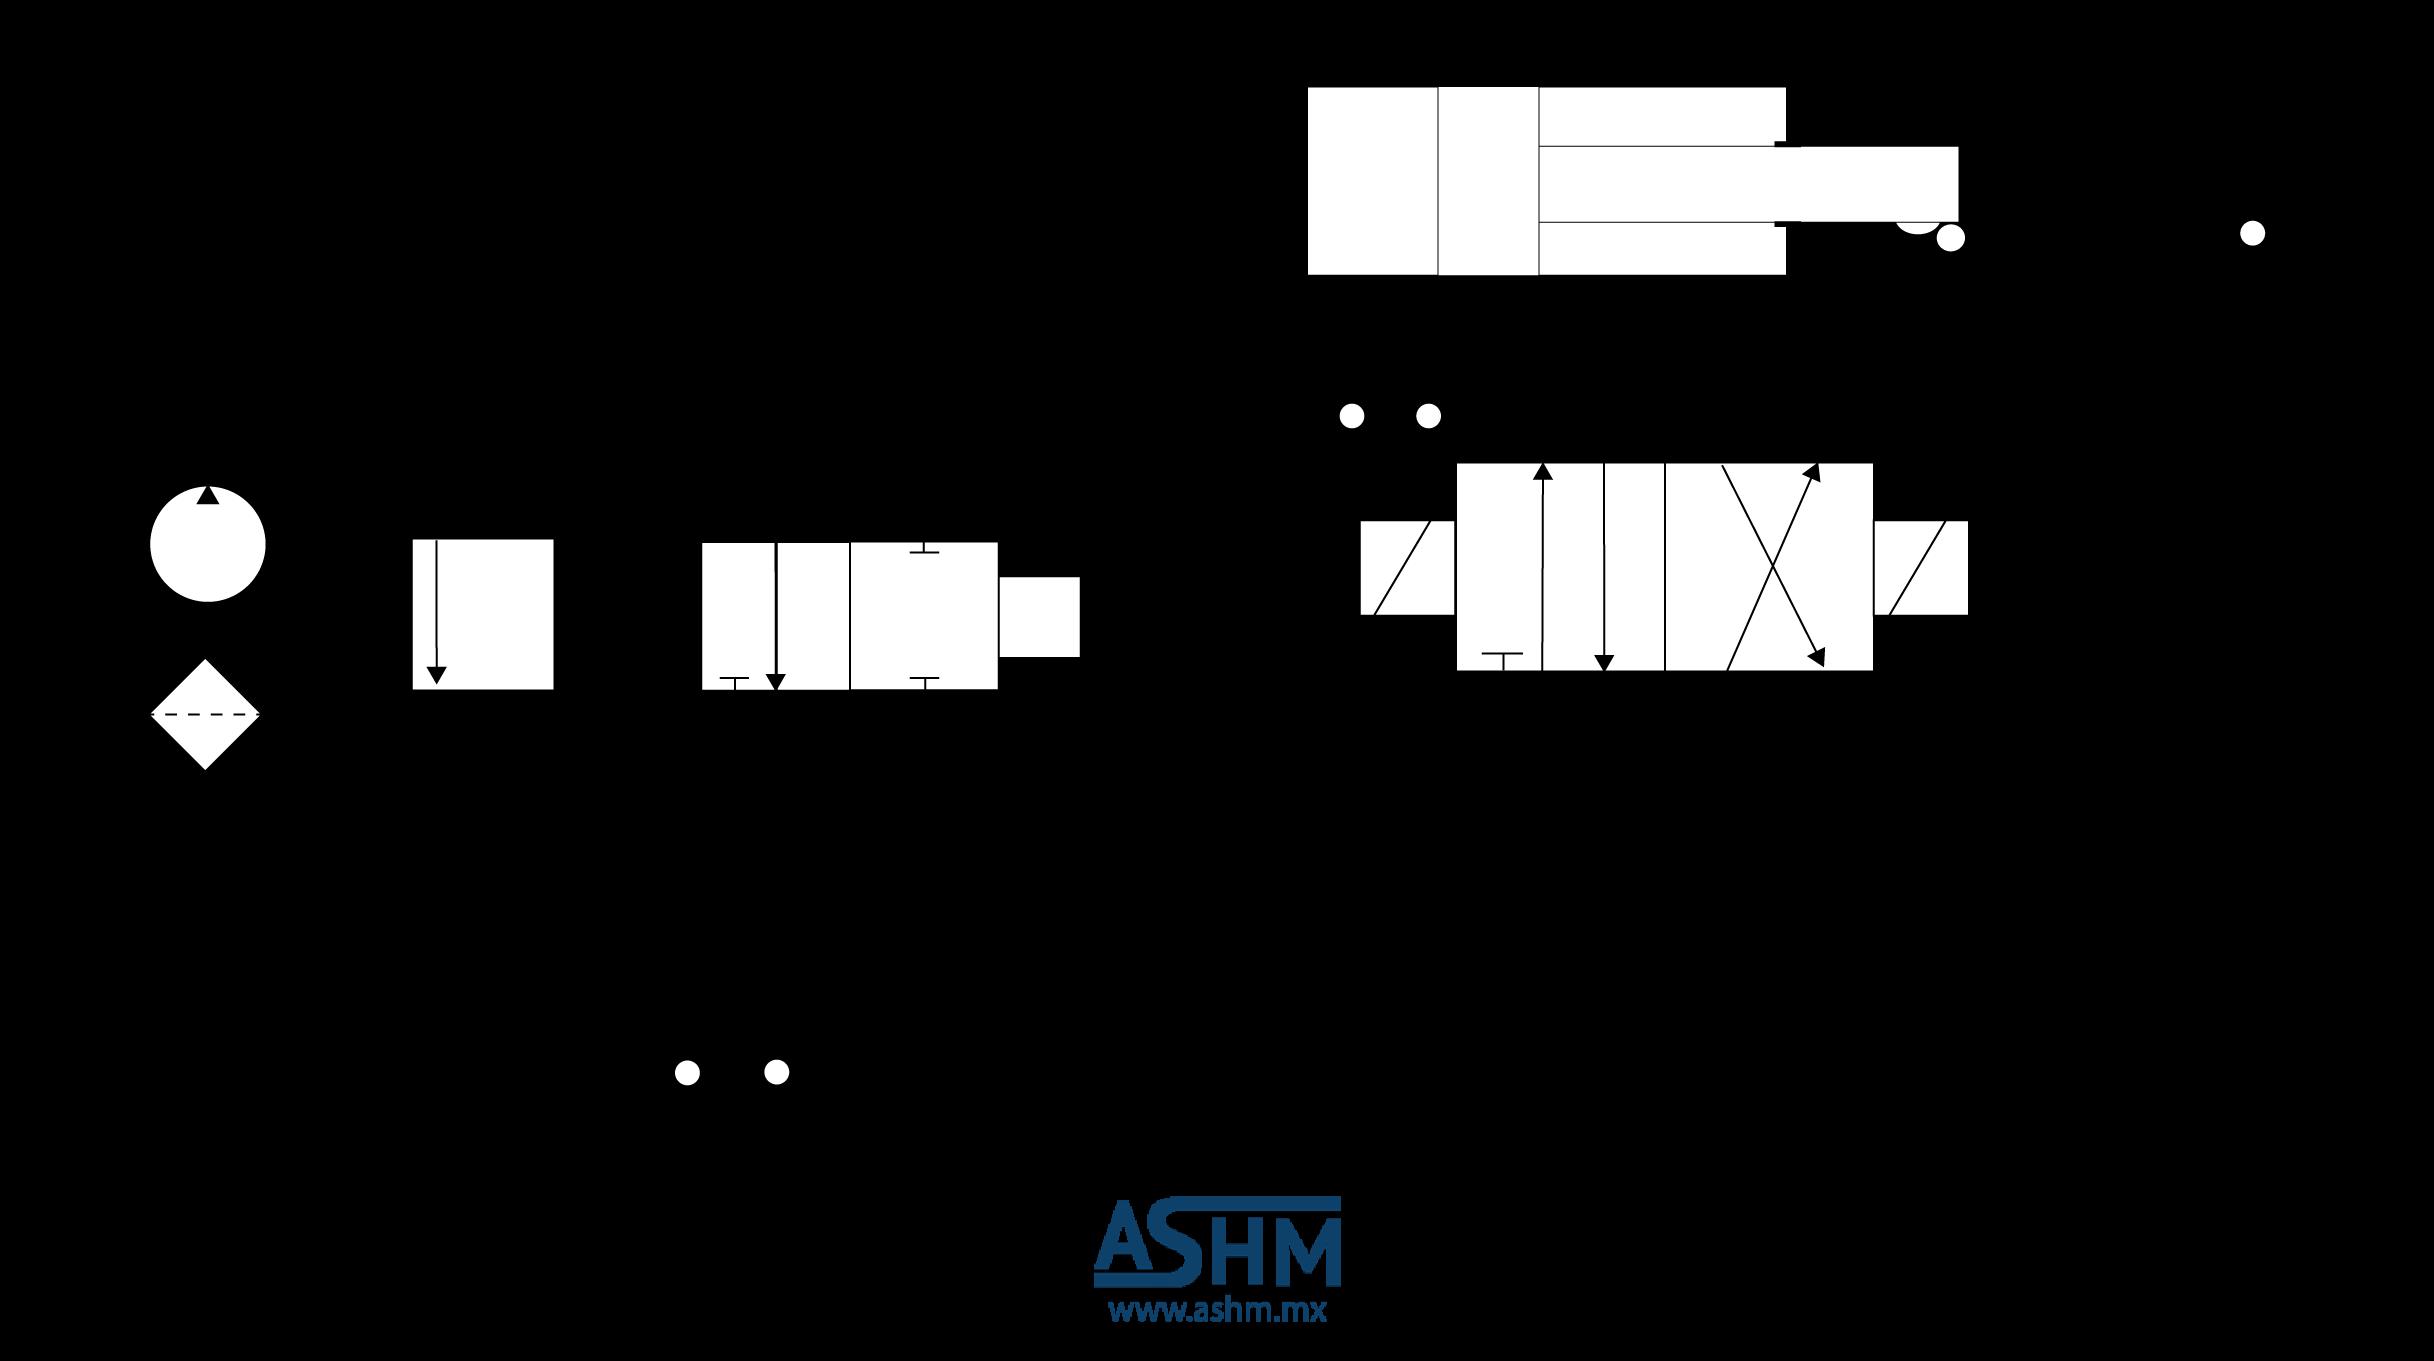 Aceros y sistemas hidrulicos de mxico s a de c v todo para alternacin automtica de un cilindro hidrulico ashm aceros y sistemas hidrulicos de mxico s a ccuart Image collections